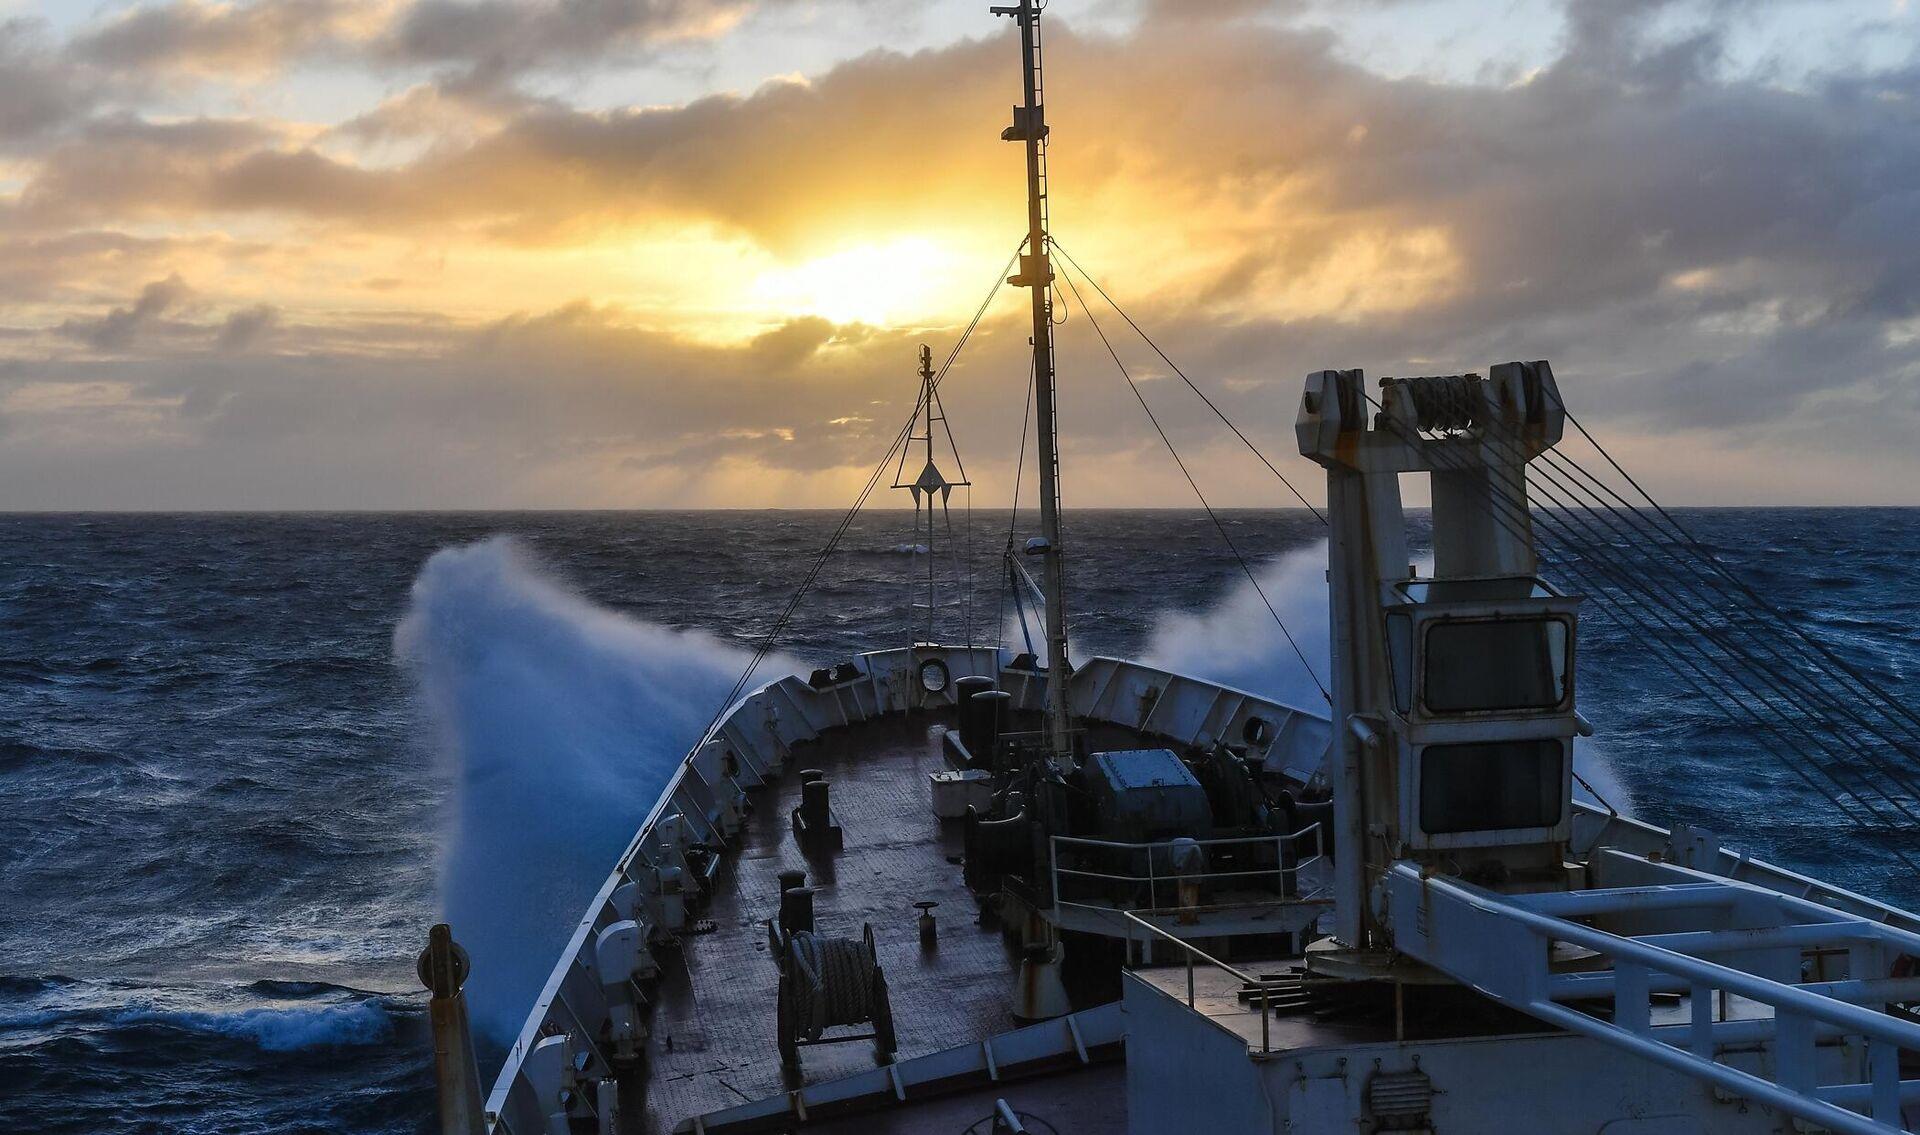 Закат солнца и шторм в Индийском океане во время кругосветной экспедиции на судне Адмирал Владимирский - РИА Новости, 1920, 17.09.2020